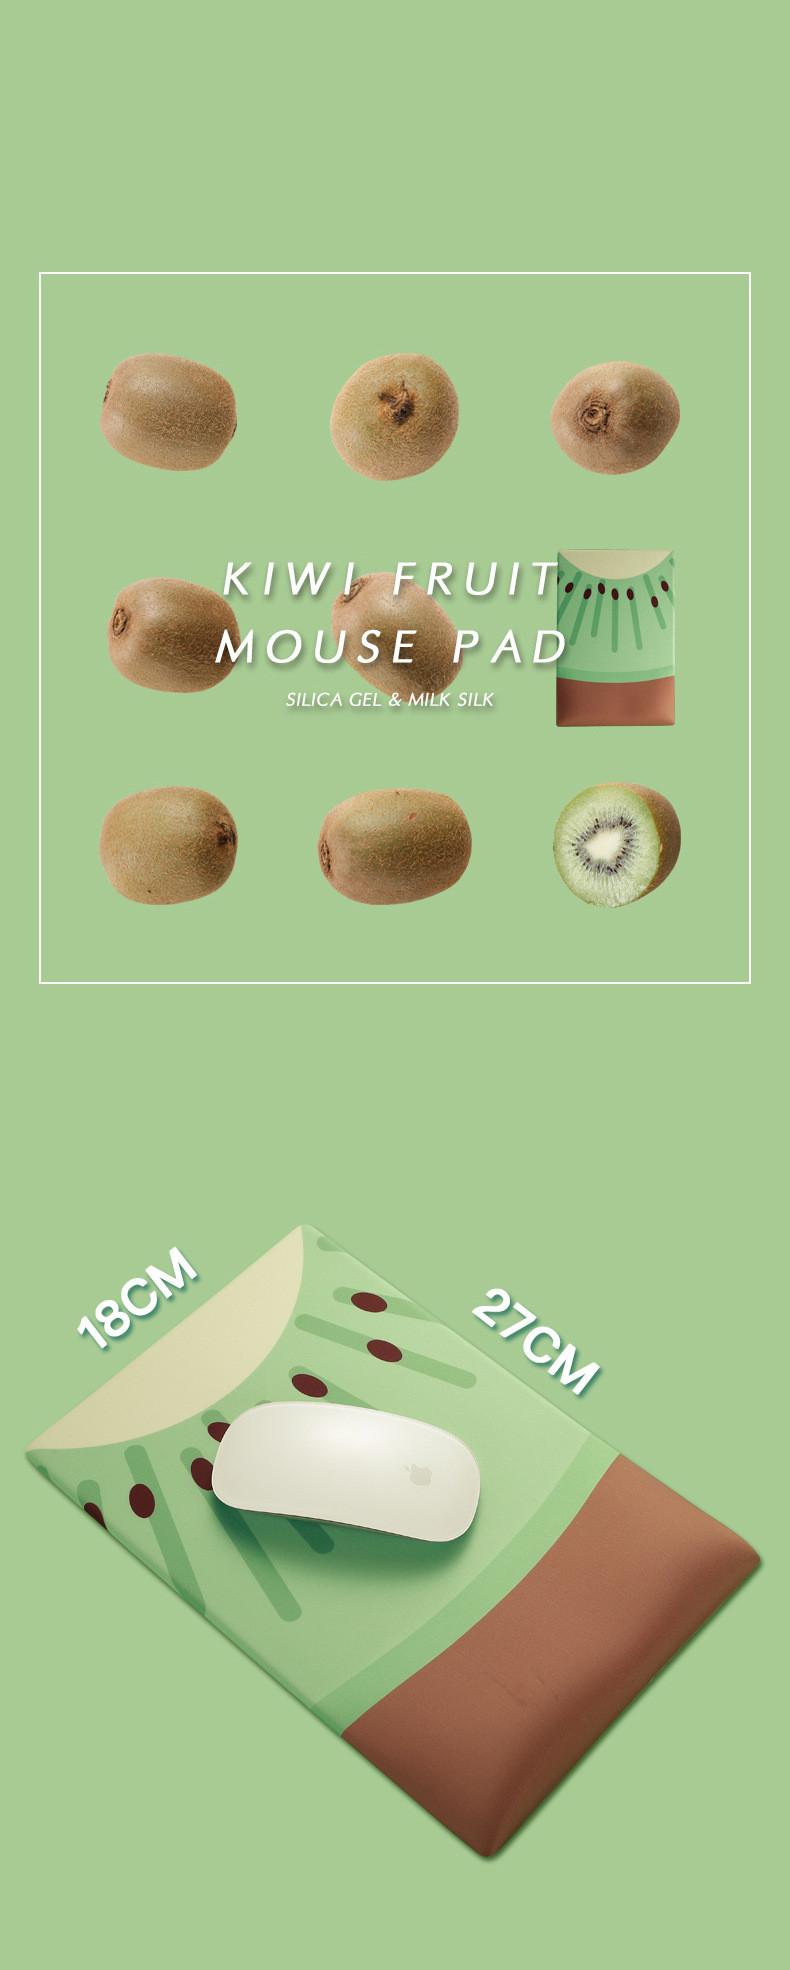 Tapis de souris ergonomique kiwi dimensions